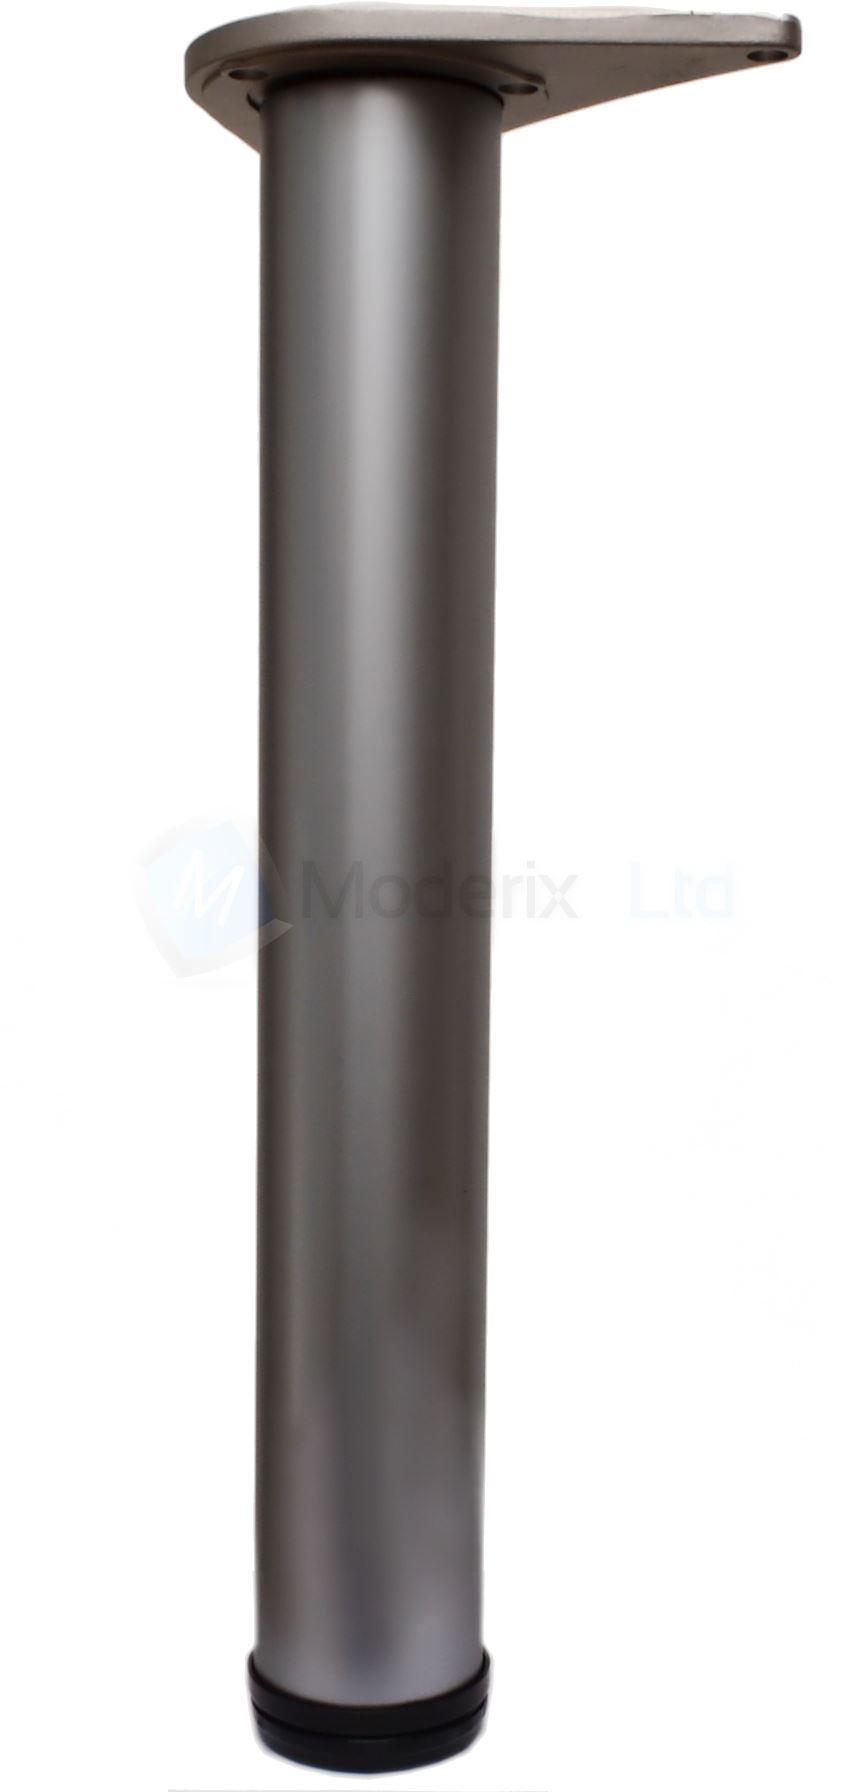 3 X Gamba Piede Acciaio Per Tavolo Scrivania 110 Cm Colore